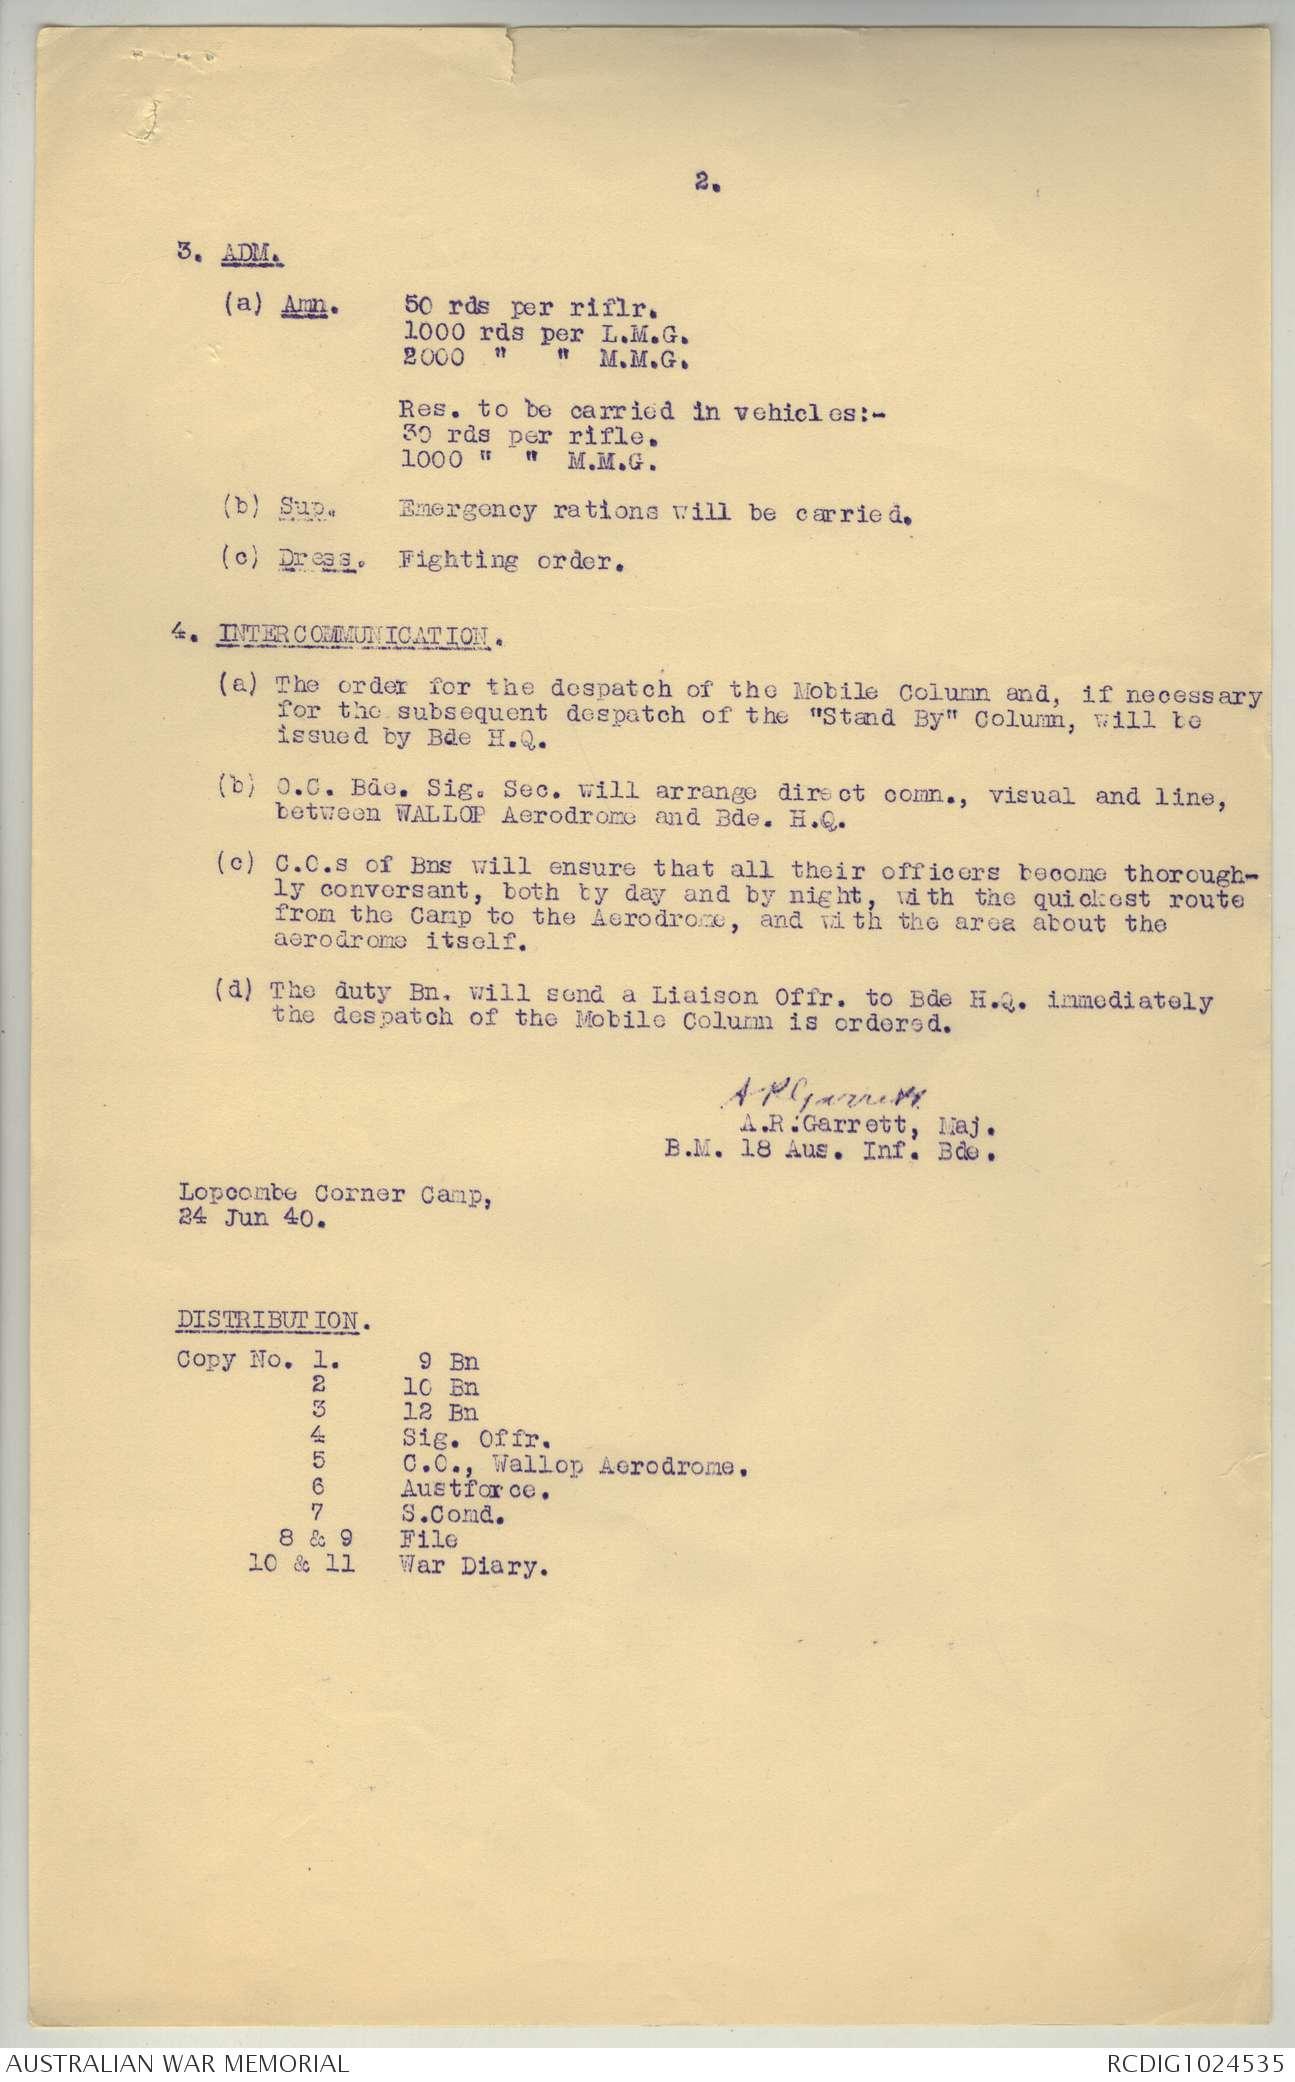 AWM52 8/2/18/2 - June - November 1940 | The Australian War Memorial